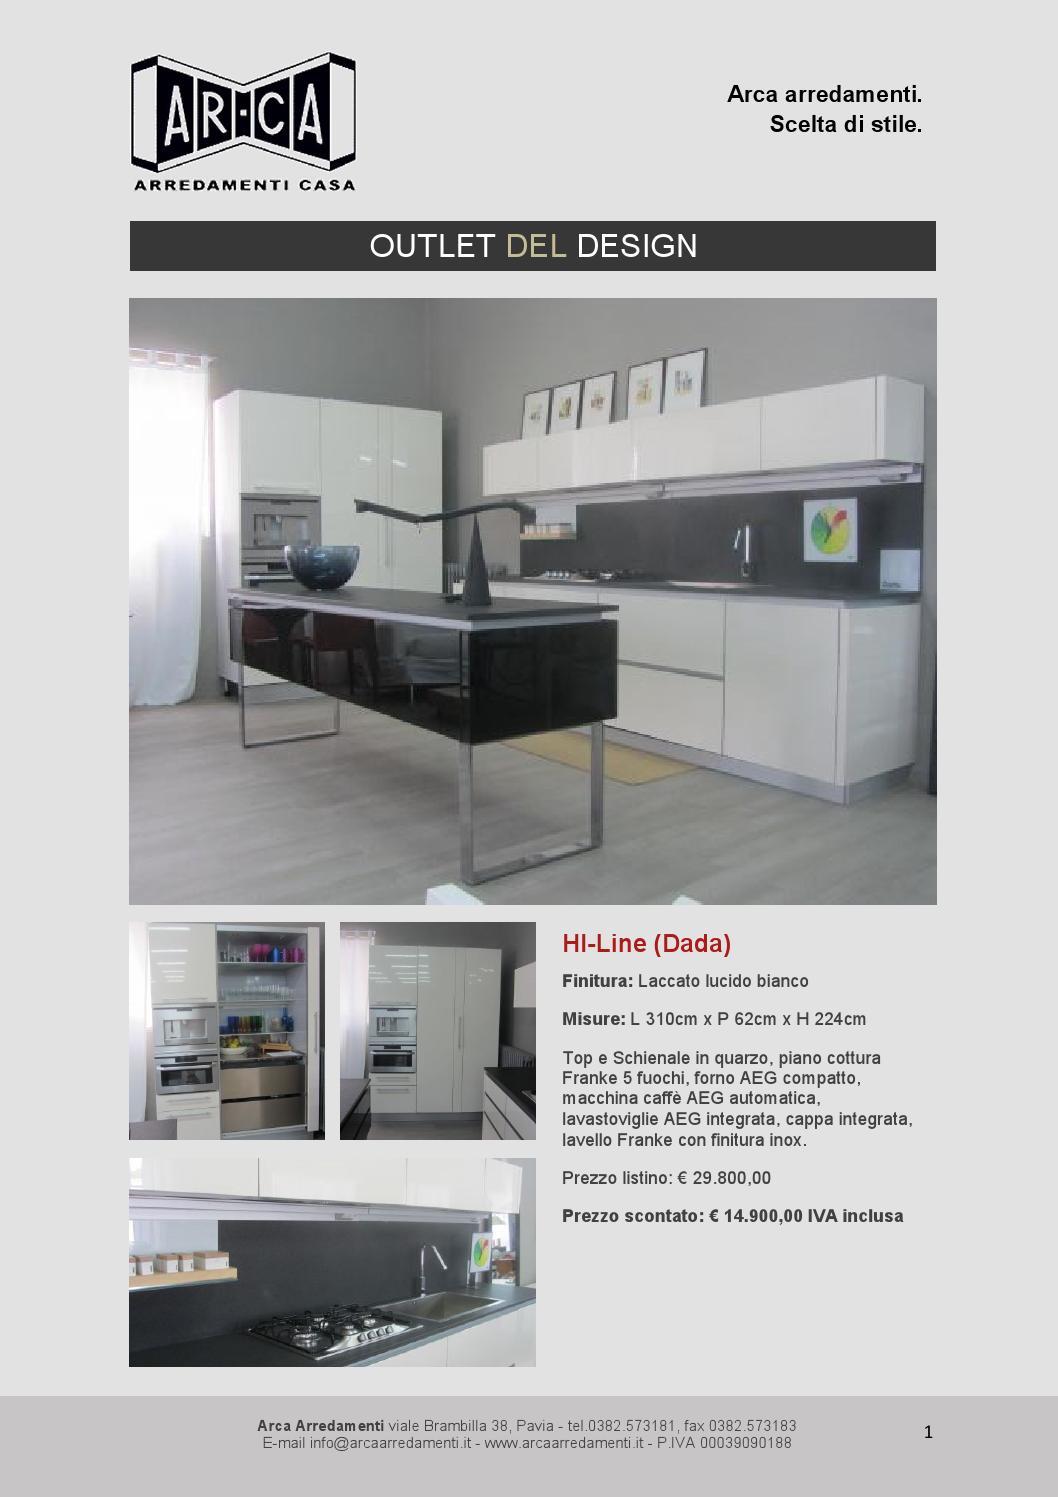 Outlet arca arredamenti by echo arte e comunicazione issuu for Fc arredamenti